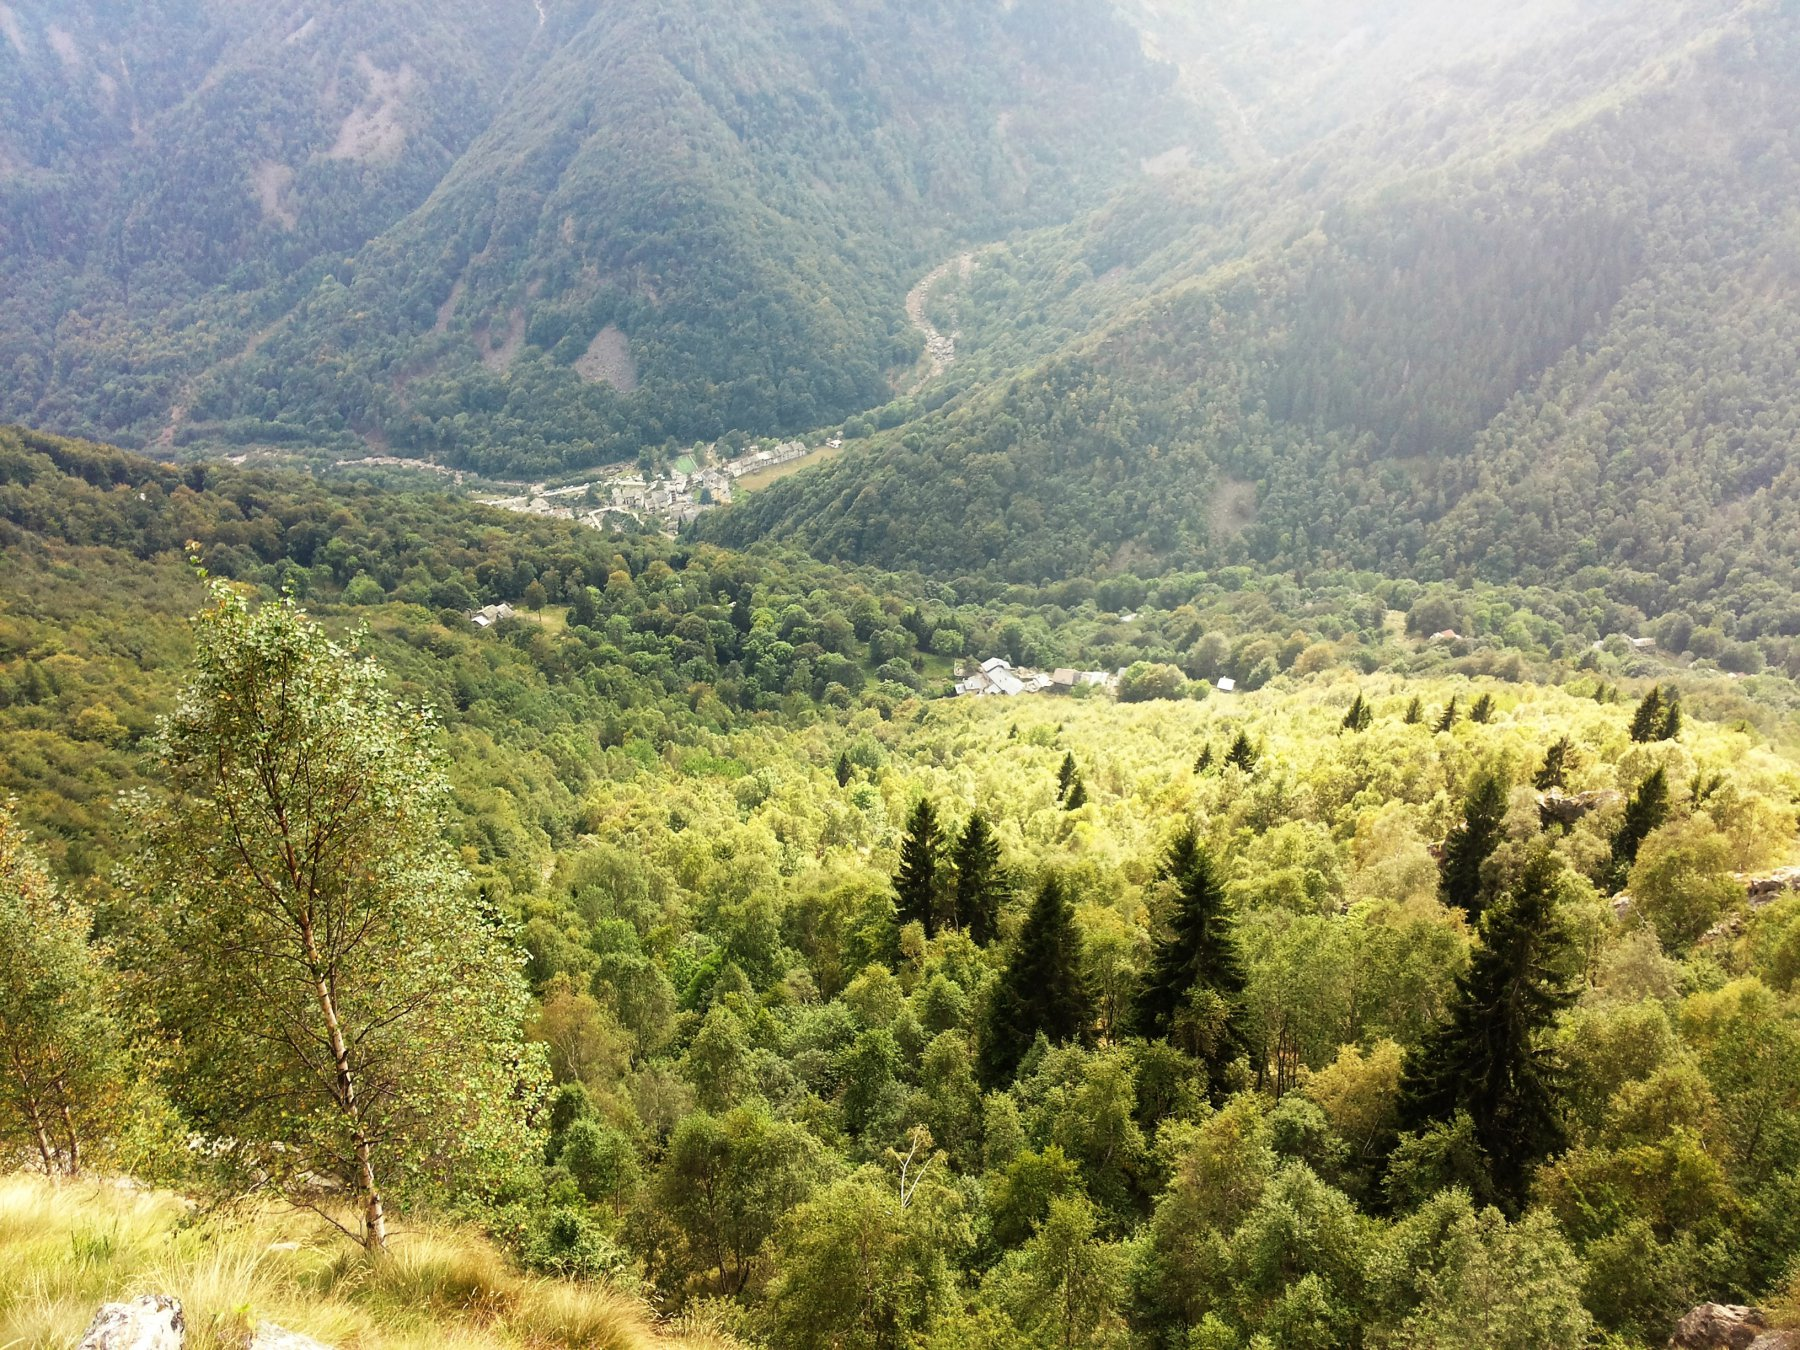 il fitto bosco attraversato ed in fondo il paese di Piedicavallo